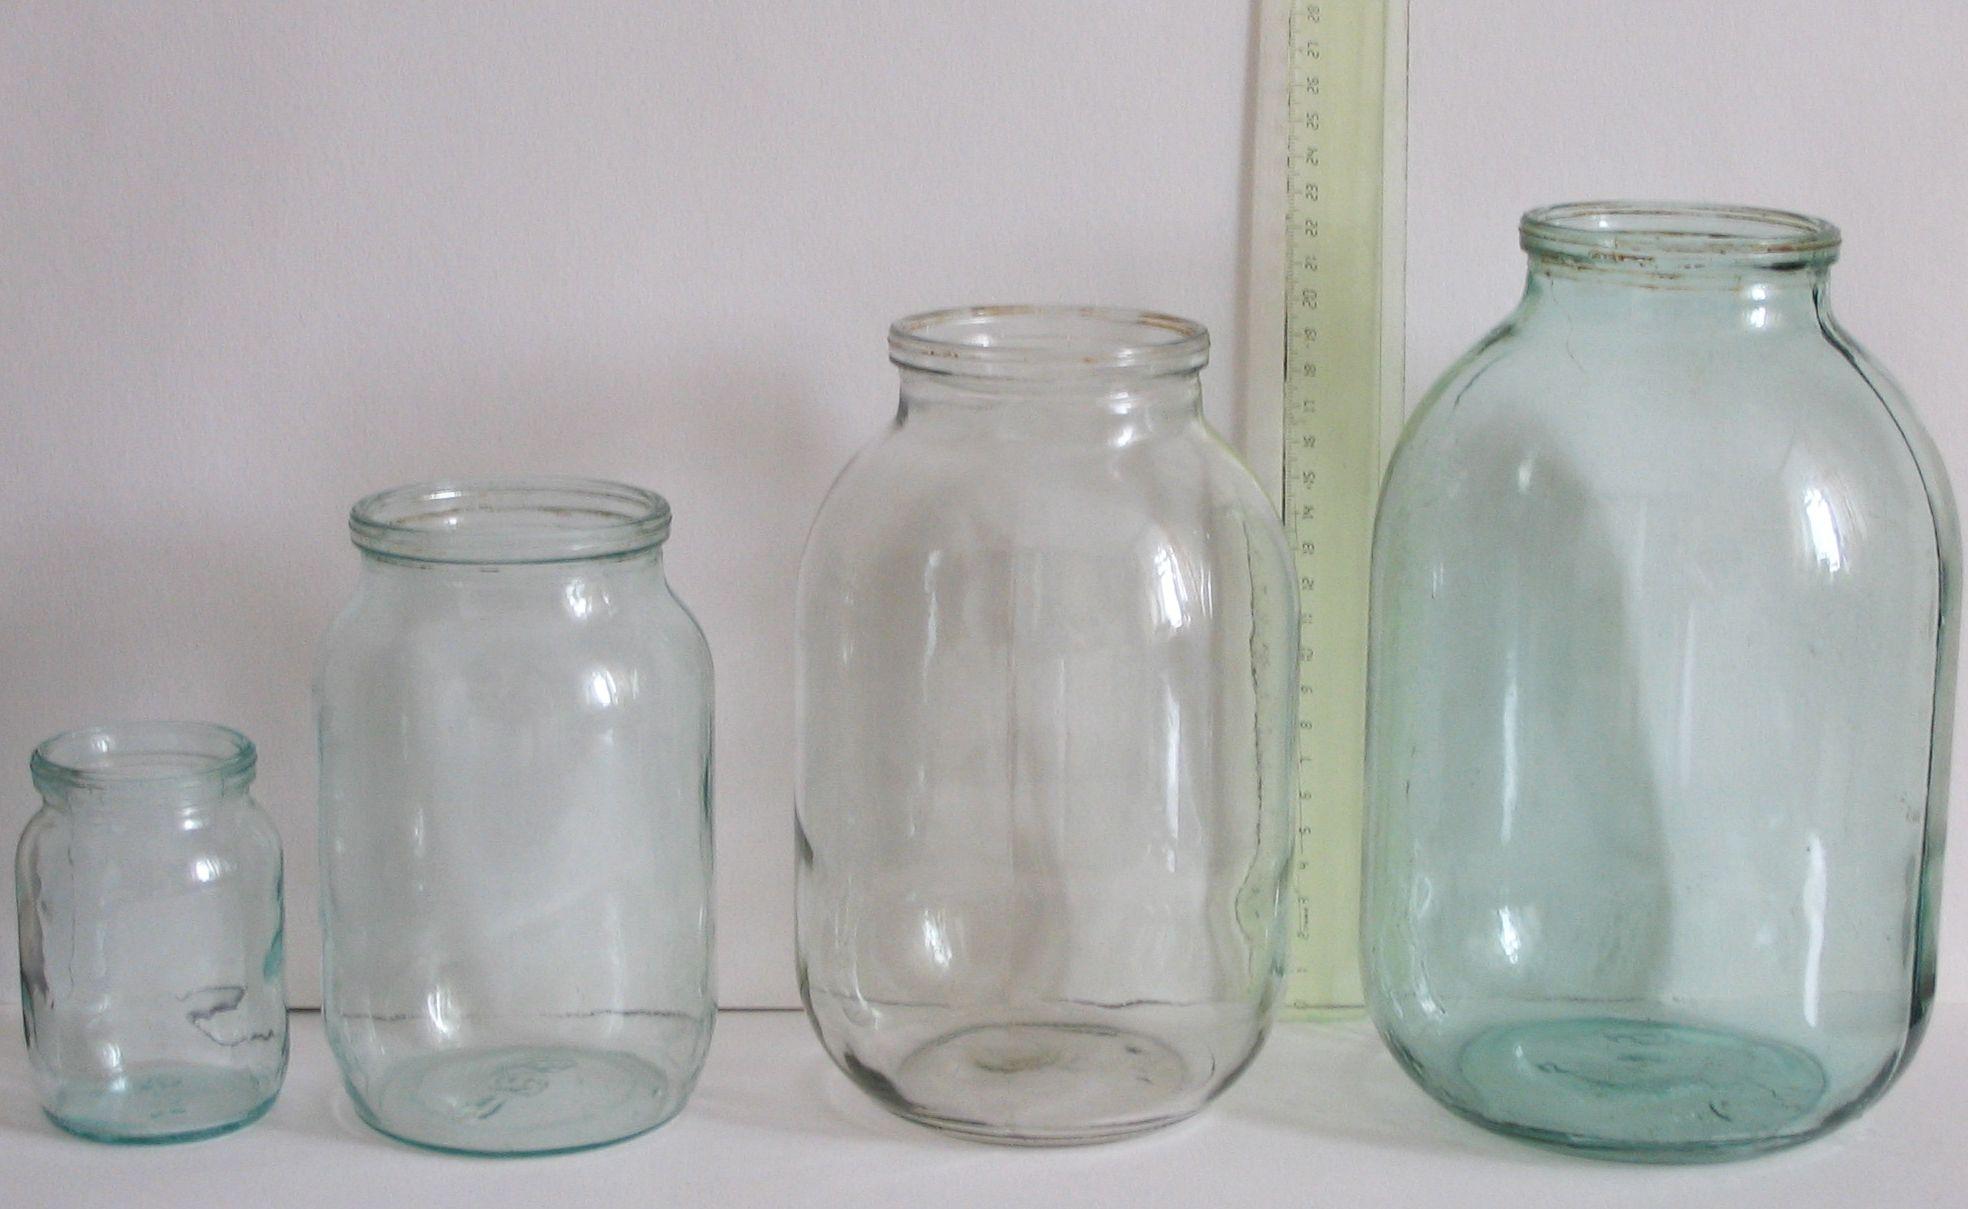 пол литровые банки фото